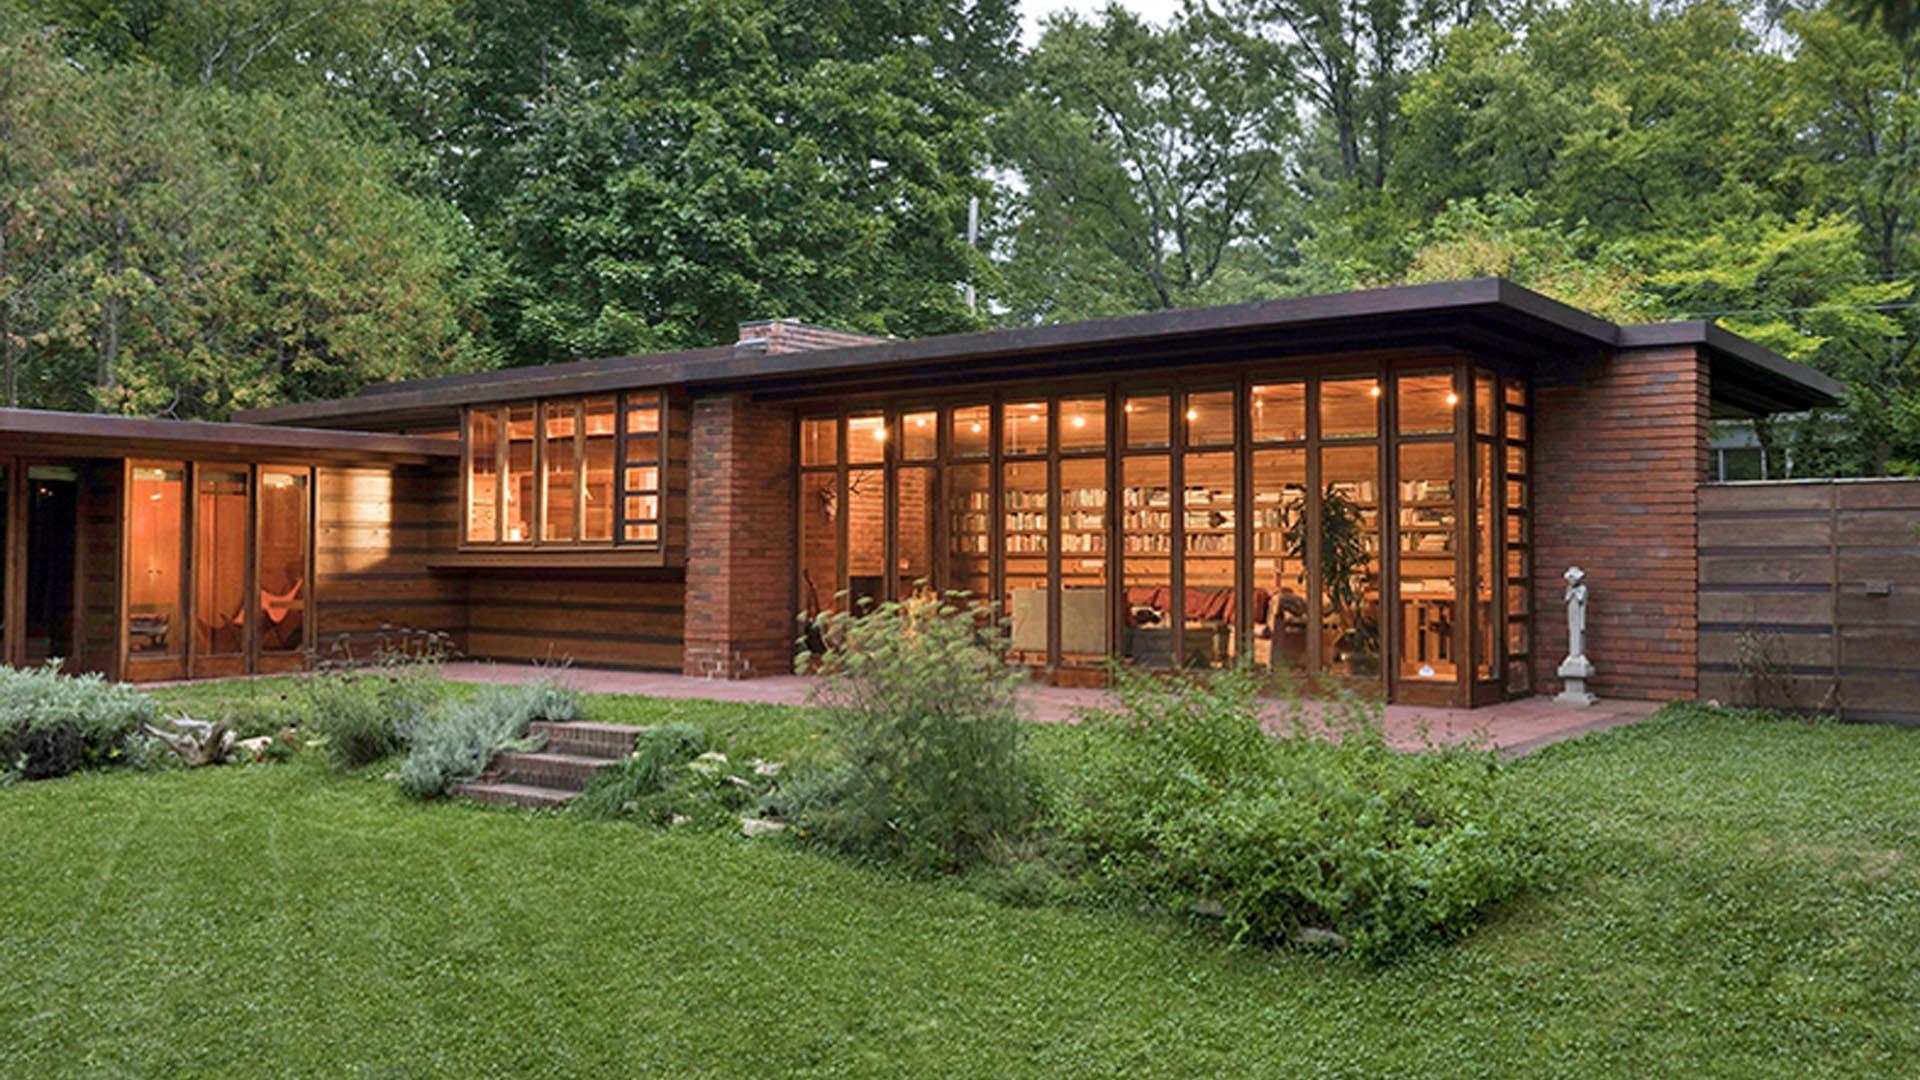 Одноэтажный дом с плоской крышей в Америке - никакой архитектуры - только цвет